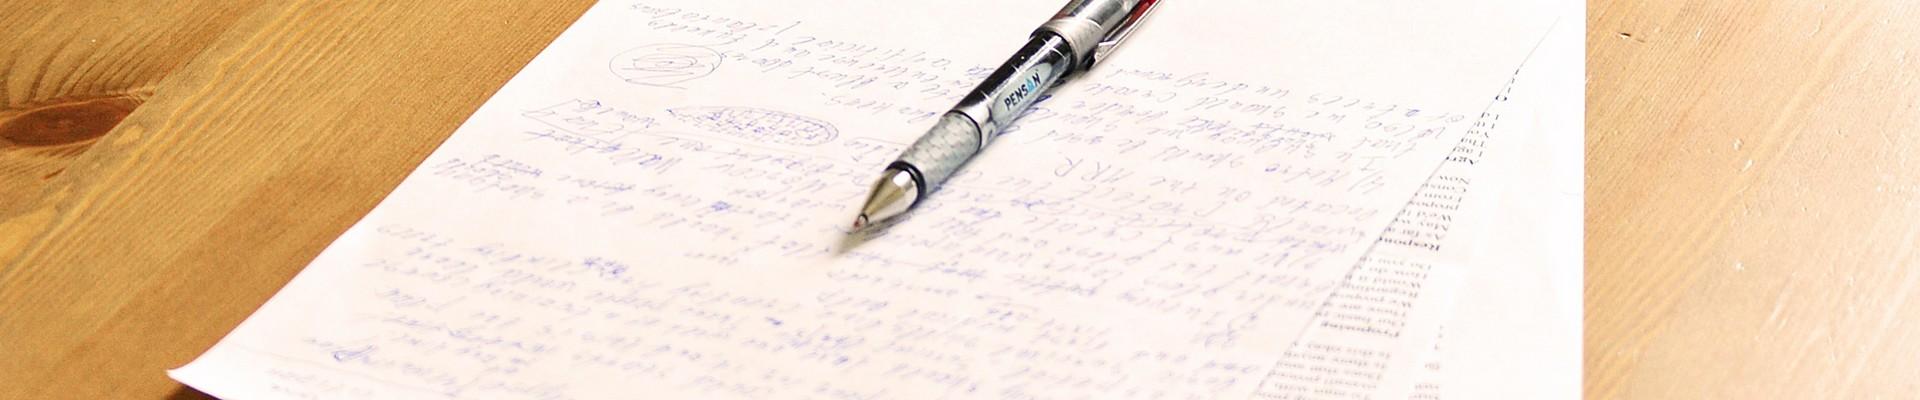 Úprava textu na papieri.